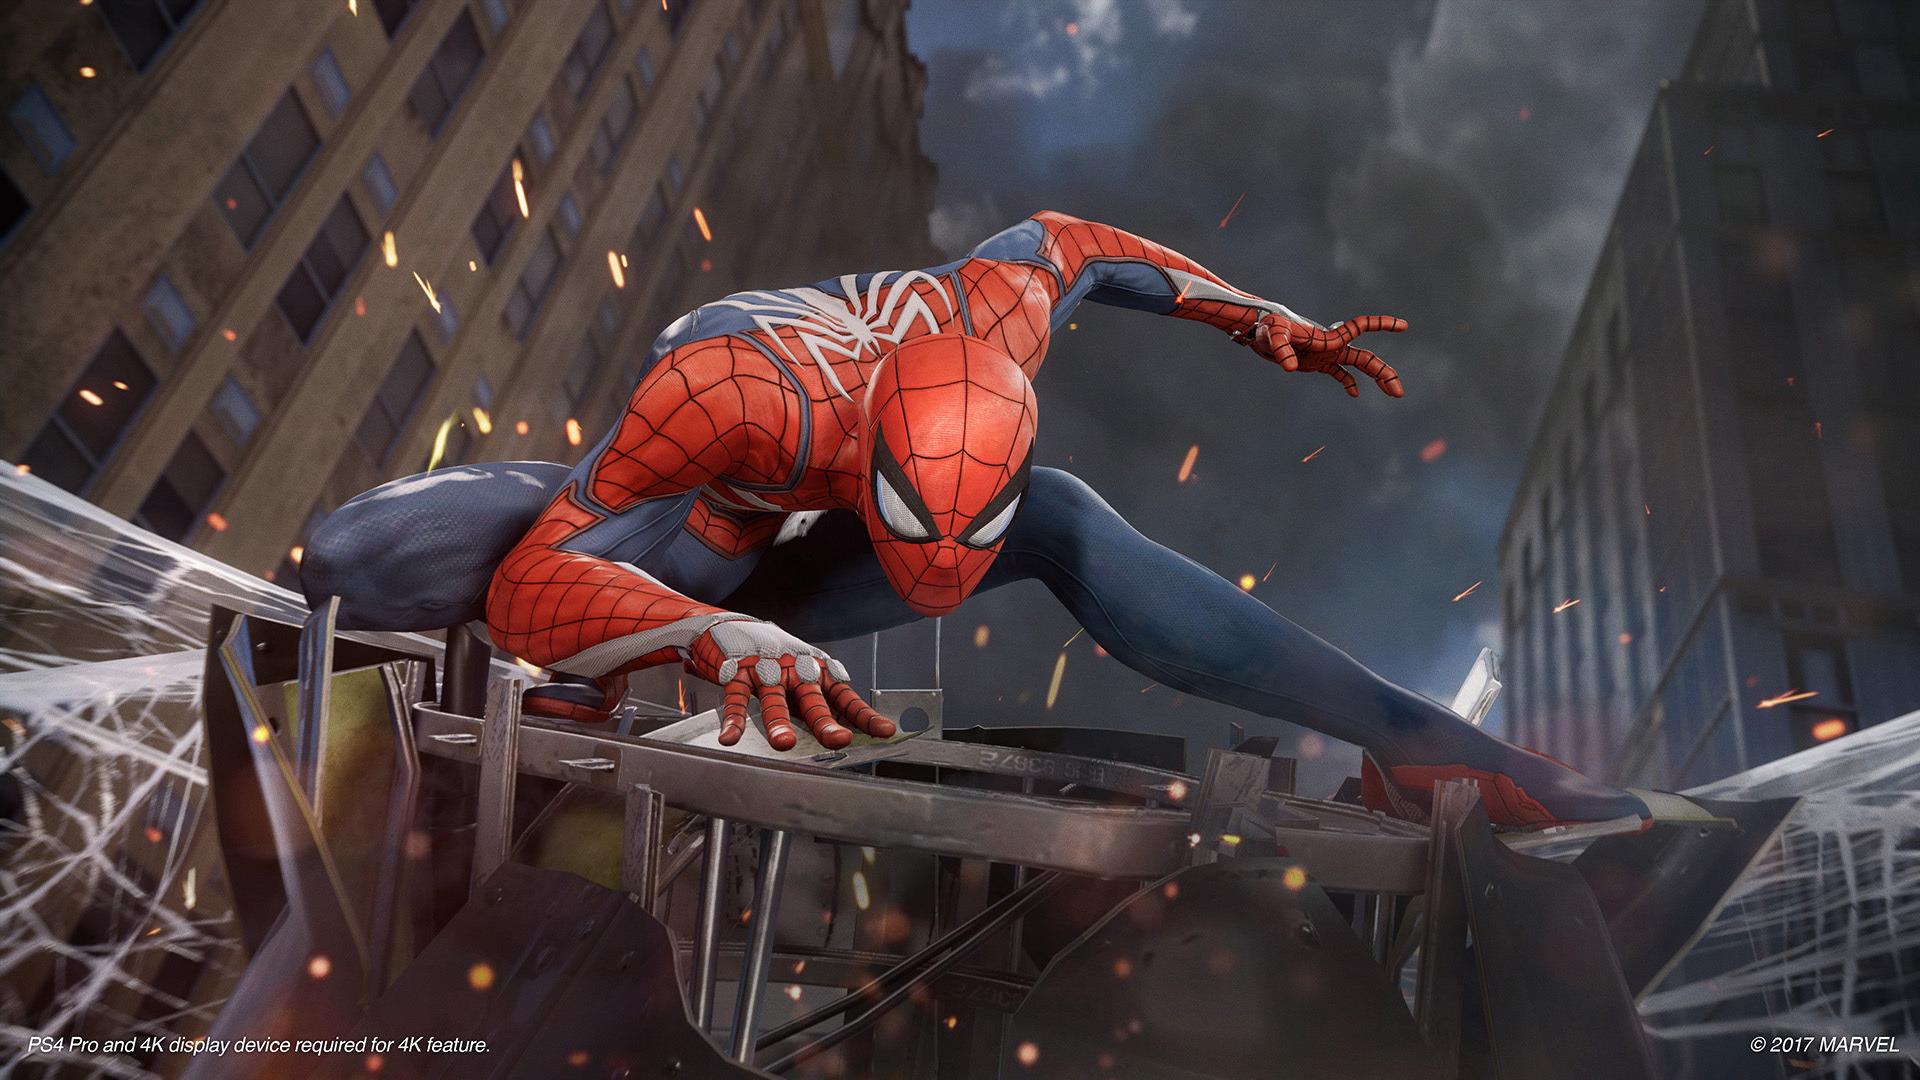 6 4更新 Ps4 スパイダーマン の発売日 評判 ゲーム内容は 現時点の情報まとめ Game Spark 国内 海外ゲーム情報サイト